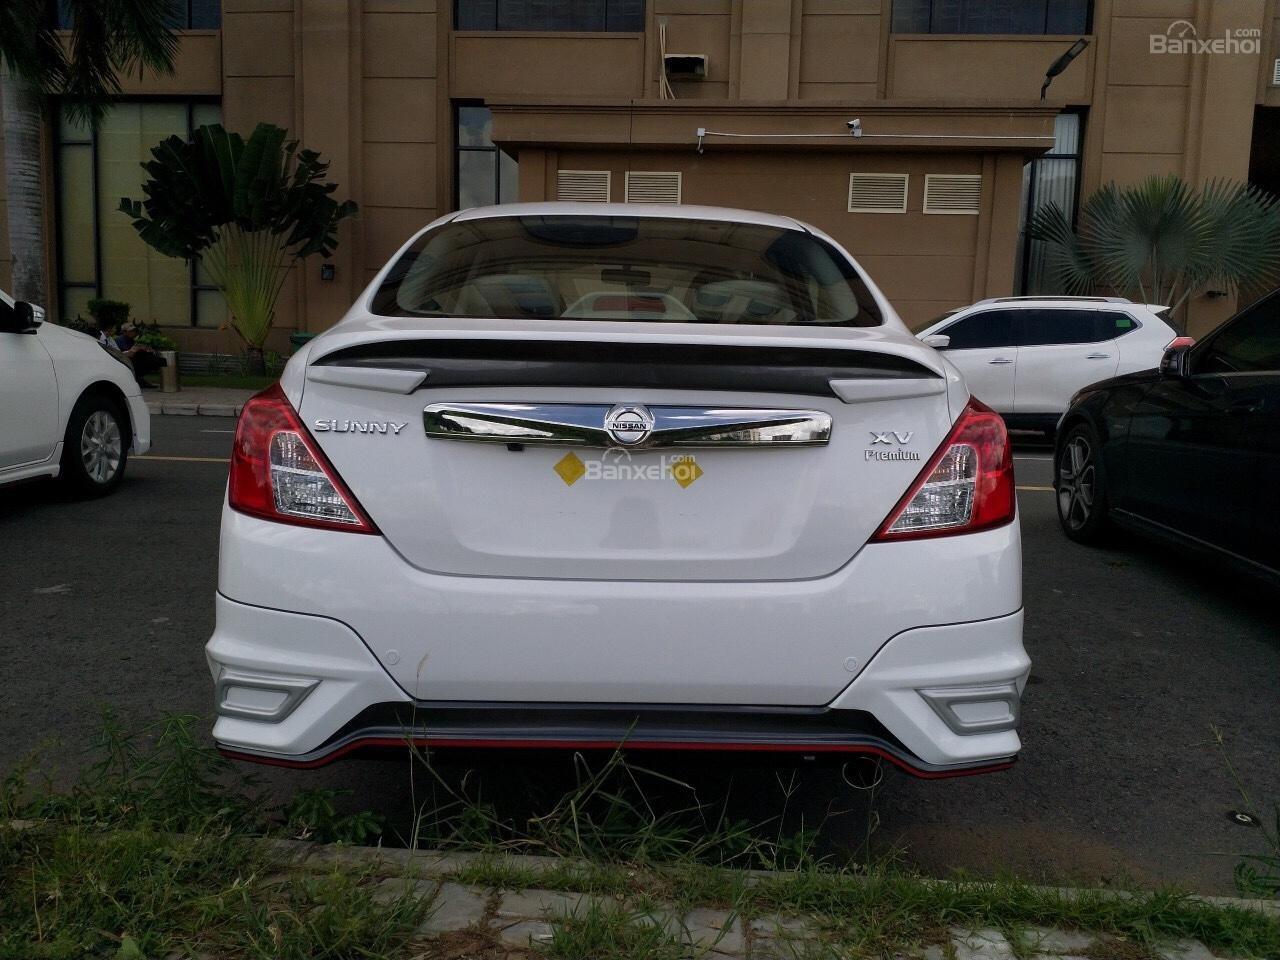 Bán Nissan Sunny XV Premium Q-Series - Lột xác hoàn toàn mới-4